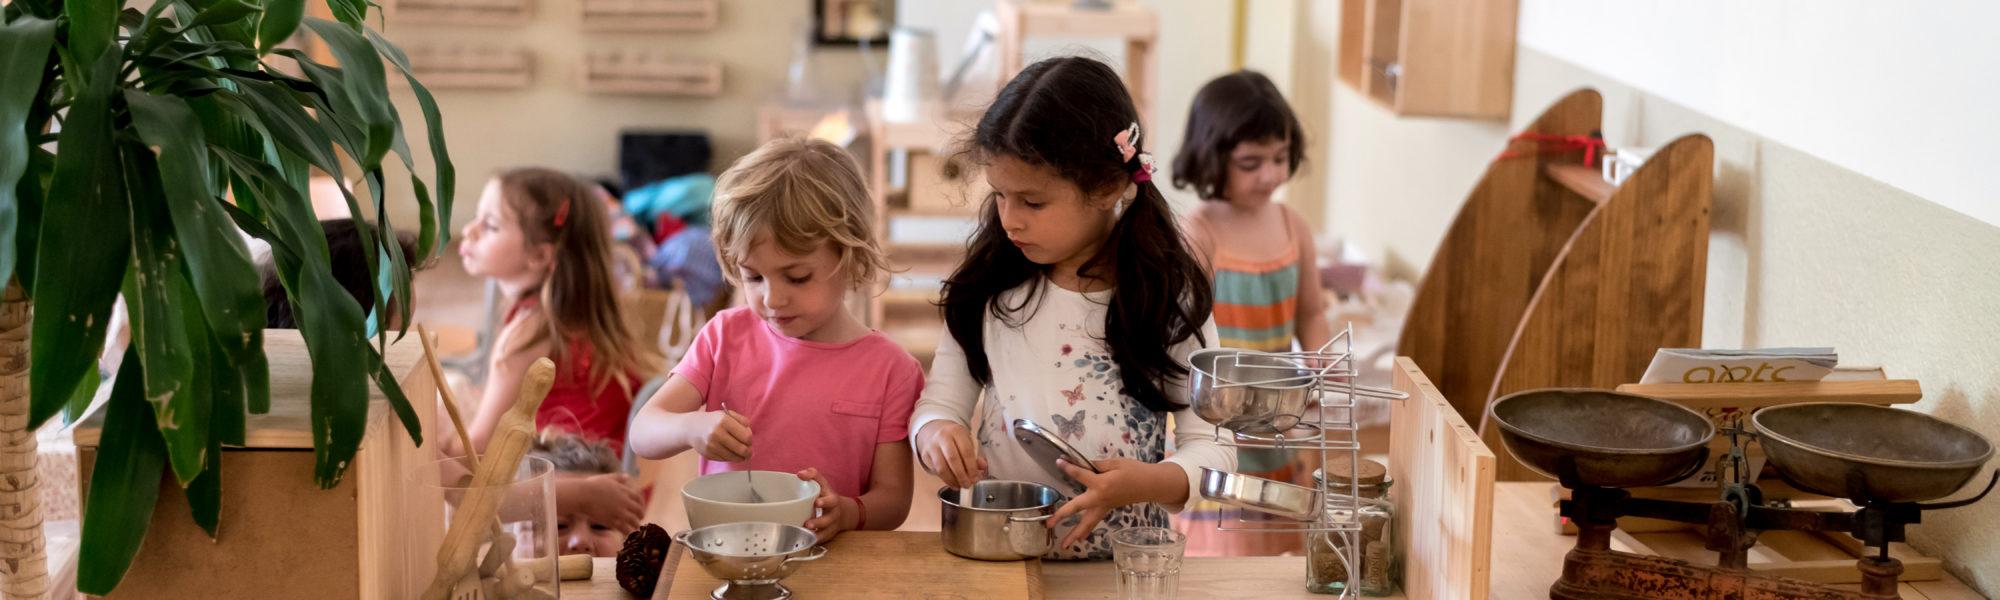 Nens treballant amb estris de cuina